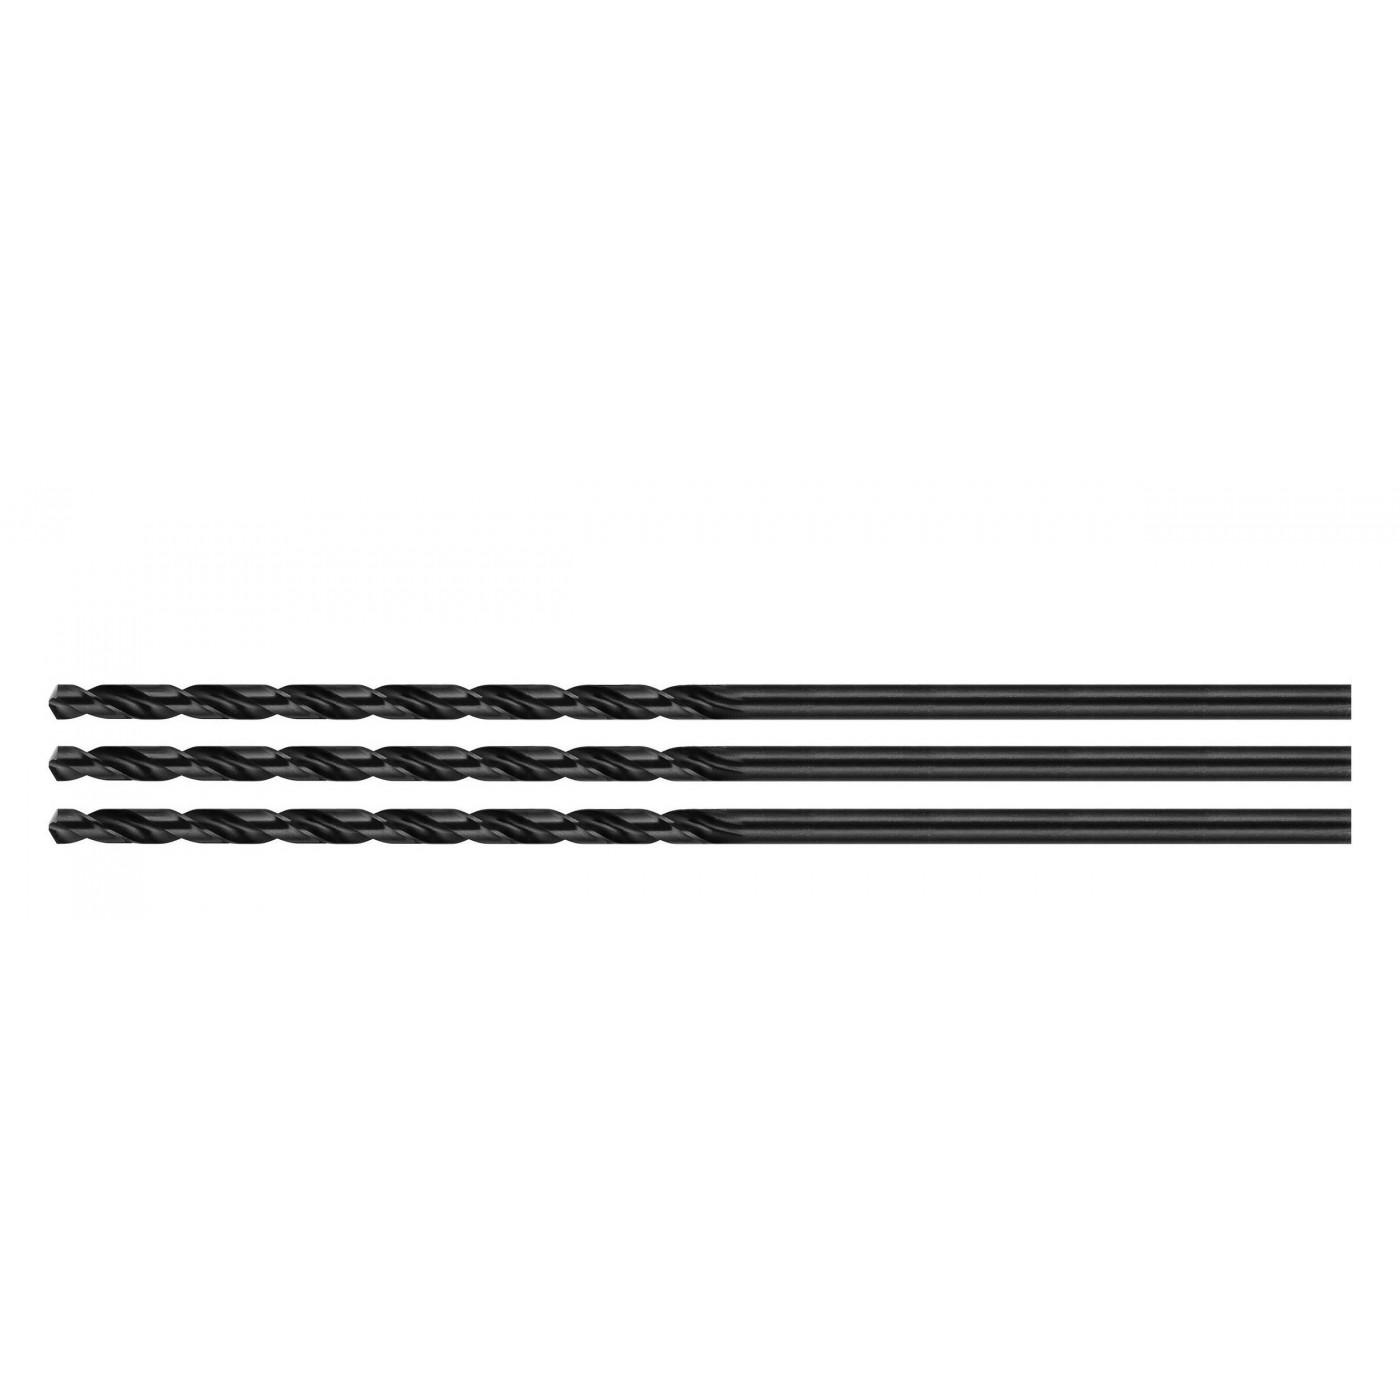 Set van 3 metaalboren, extra lang (8.0x300 mm)  - 1